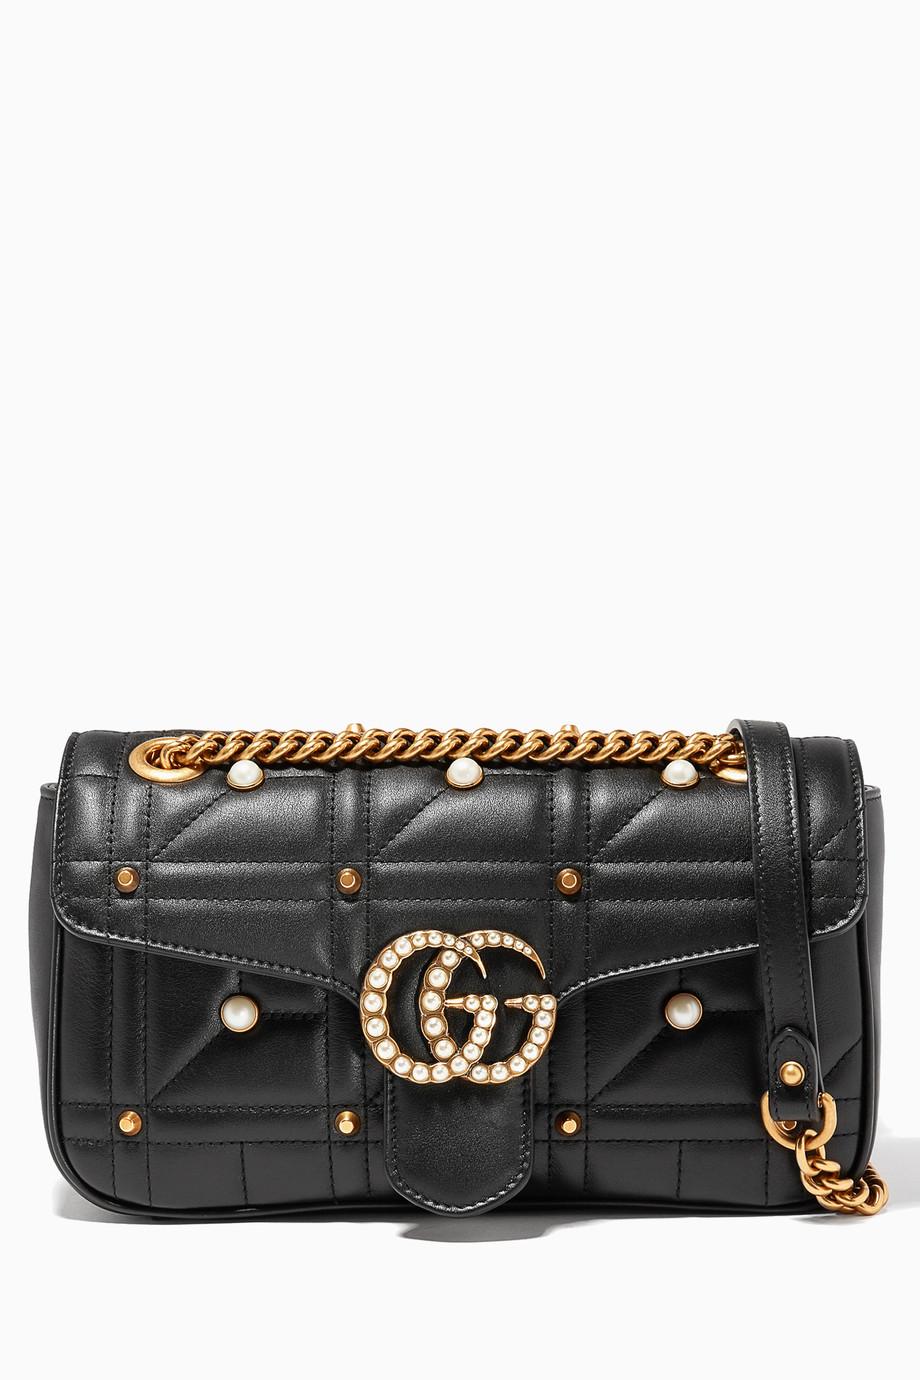 34060856ece Shop Gucci Multicolour Black GG Marmont 2.0 Shoulder Bag for Women ...